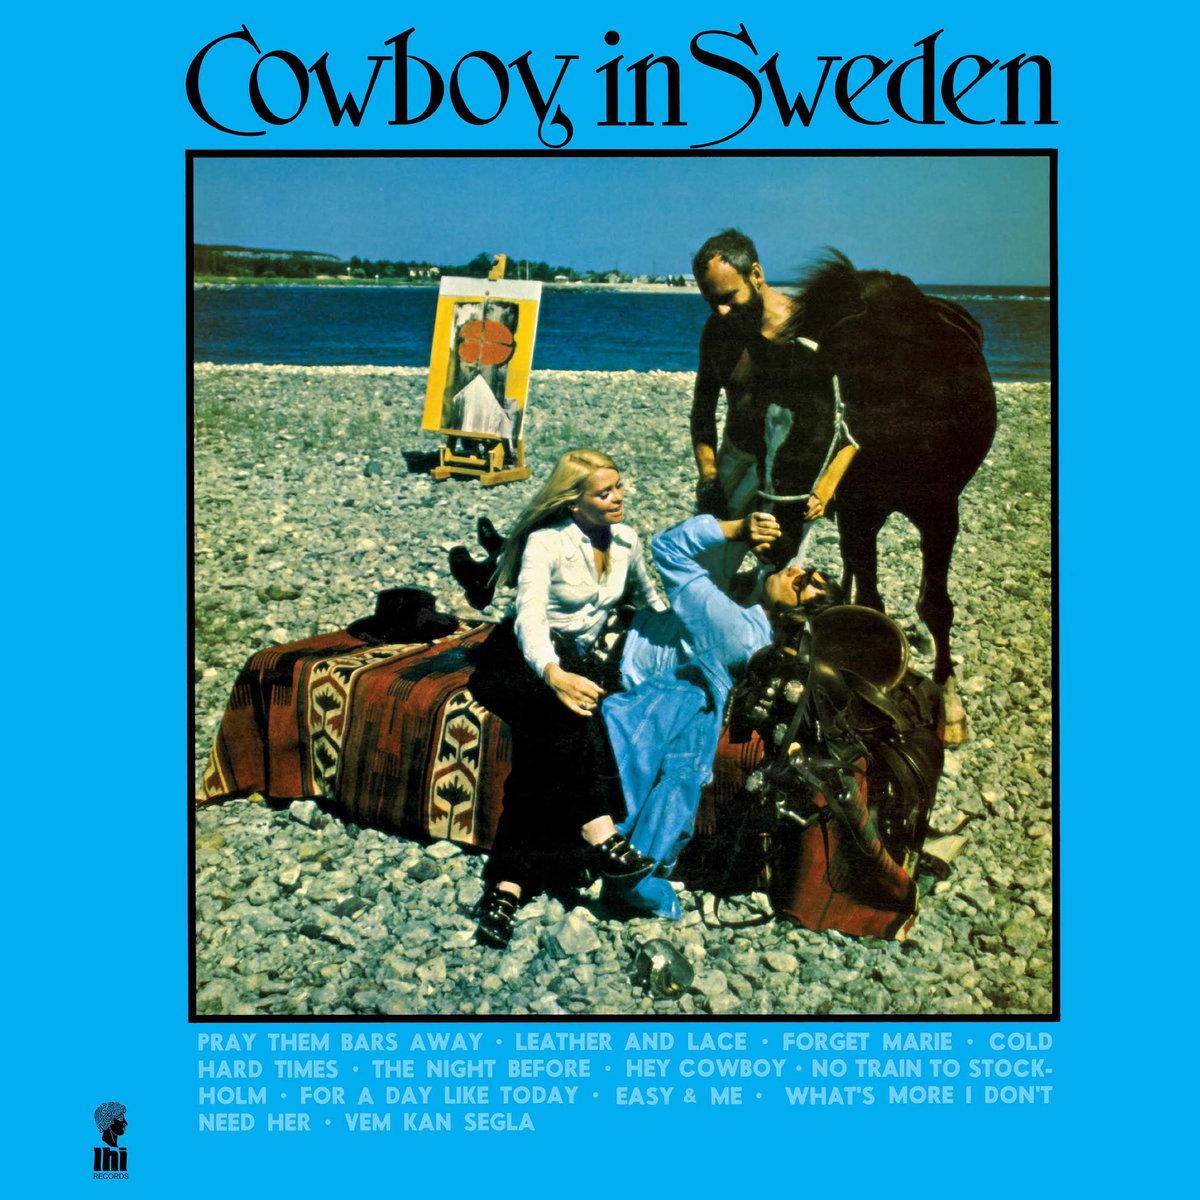 """Альбом легенды ковбойской психоделии Ли Хезлвуда """"Cowboy In Sweden"""" получил виниловое переиздание"""